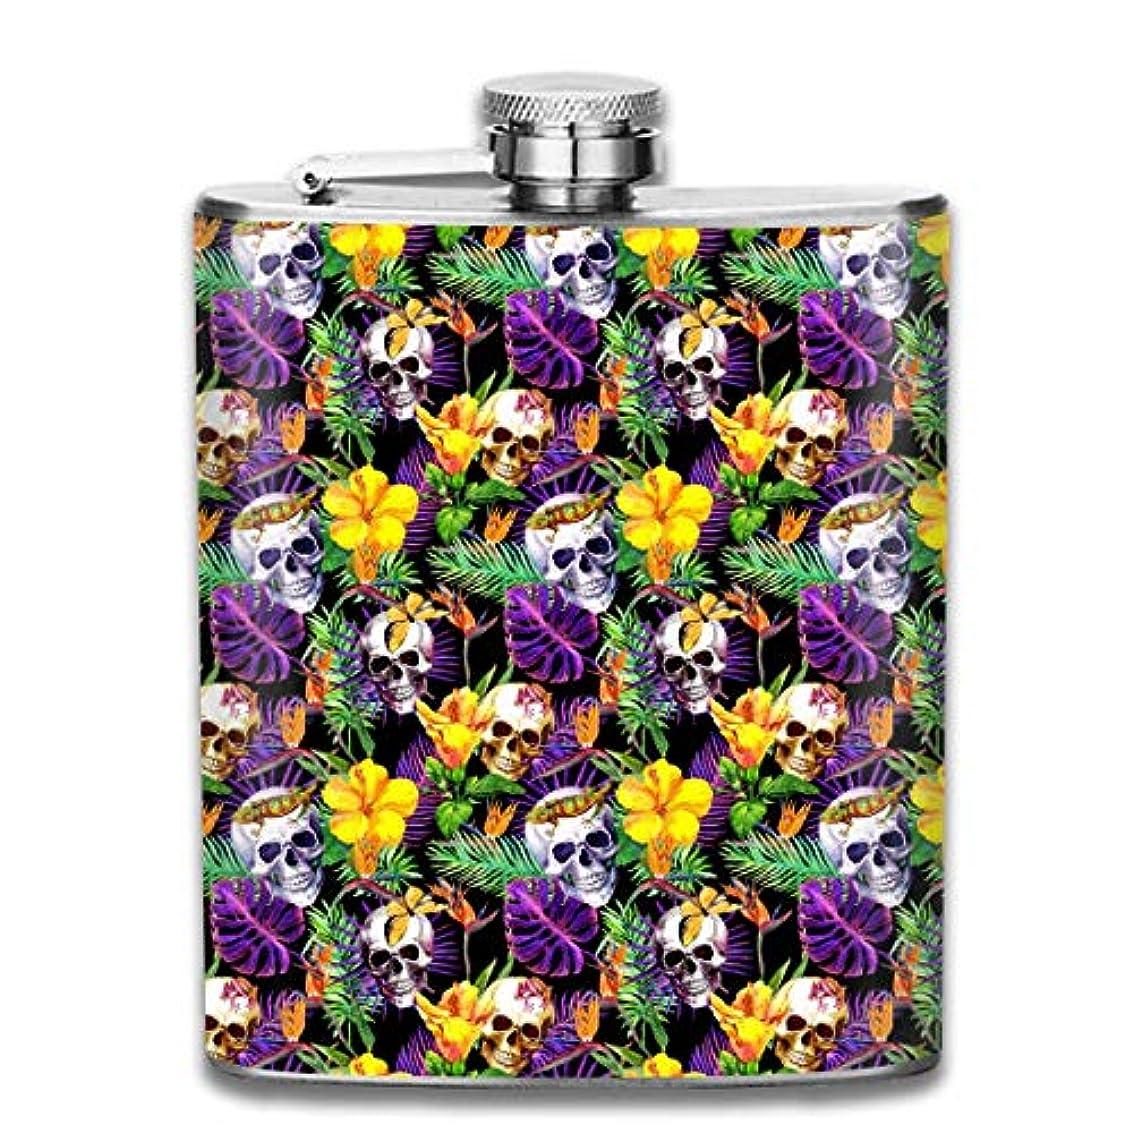 イーウェルタイプ書士スカルと葉柄フラスコ スキットル ヒップフラスコ 7オンス 206ml 高品質ステンレス製 ウイスキー アルコール 清酒 携帯 ボトル